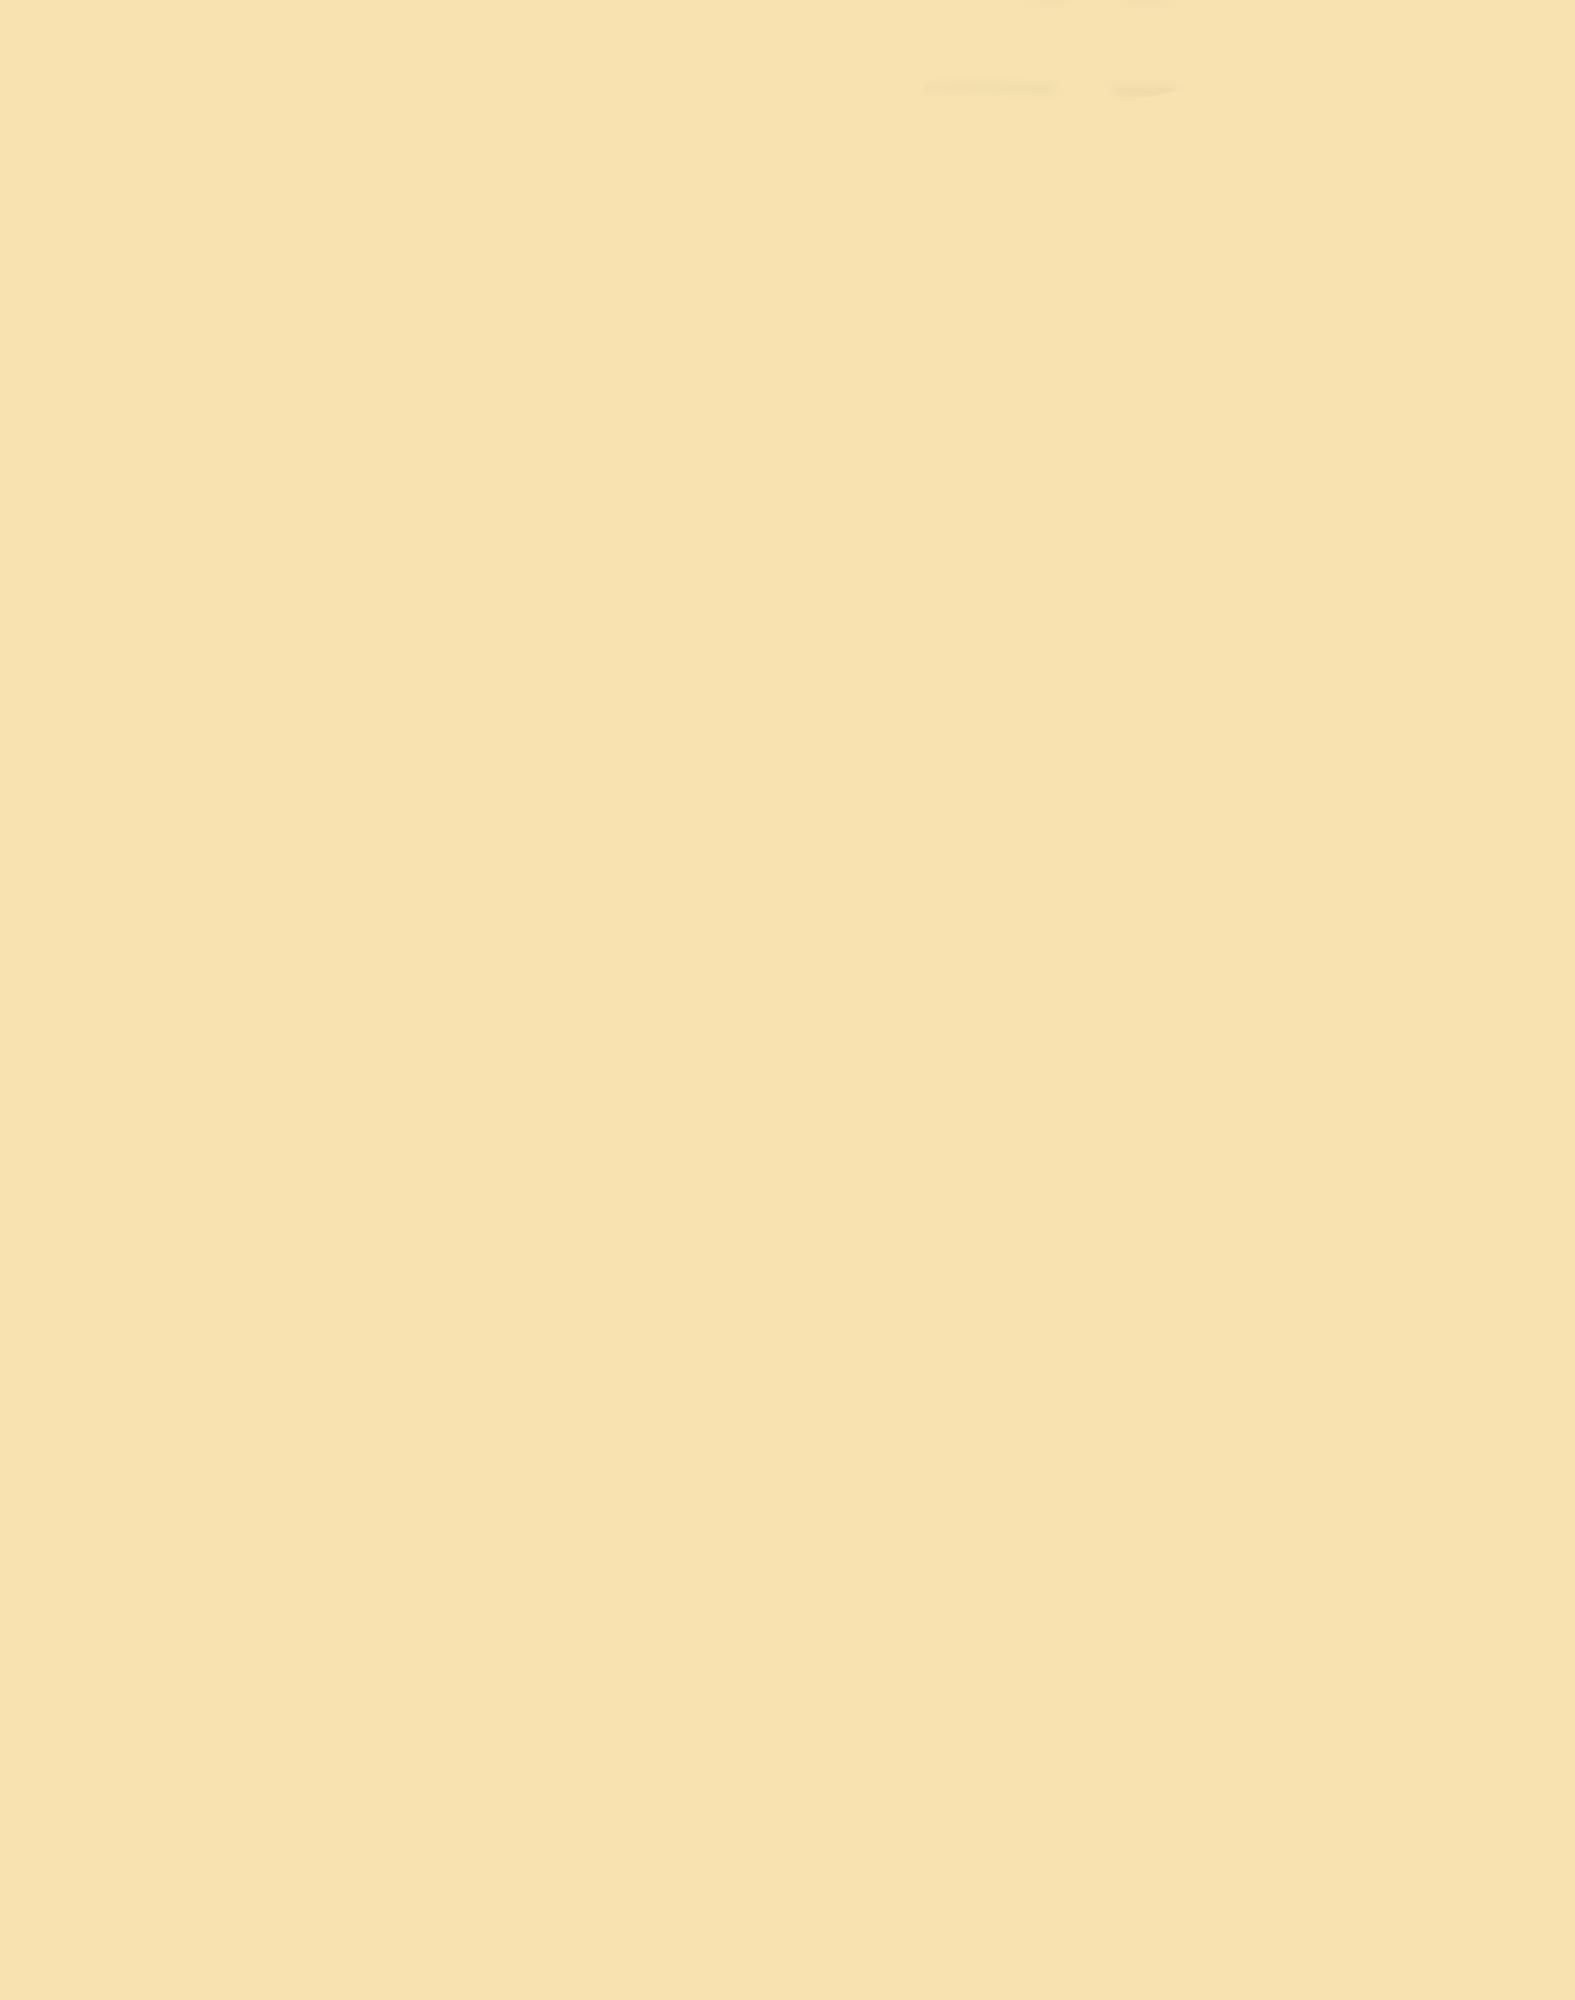 Vanilla Burst 247,226,176